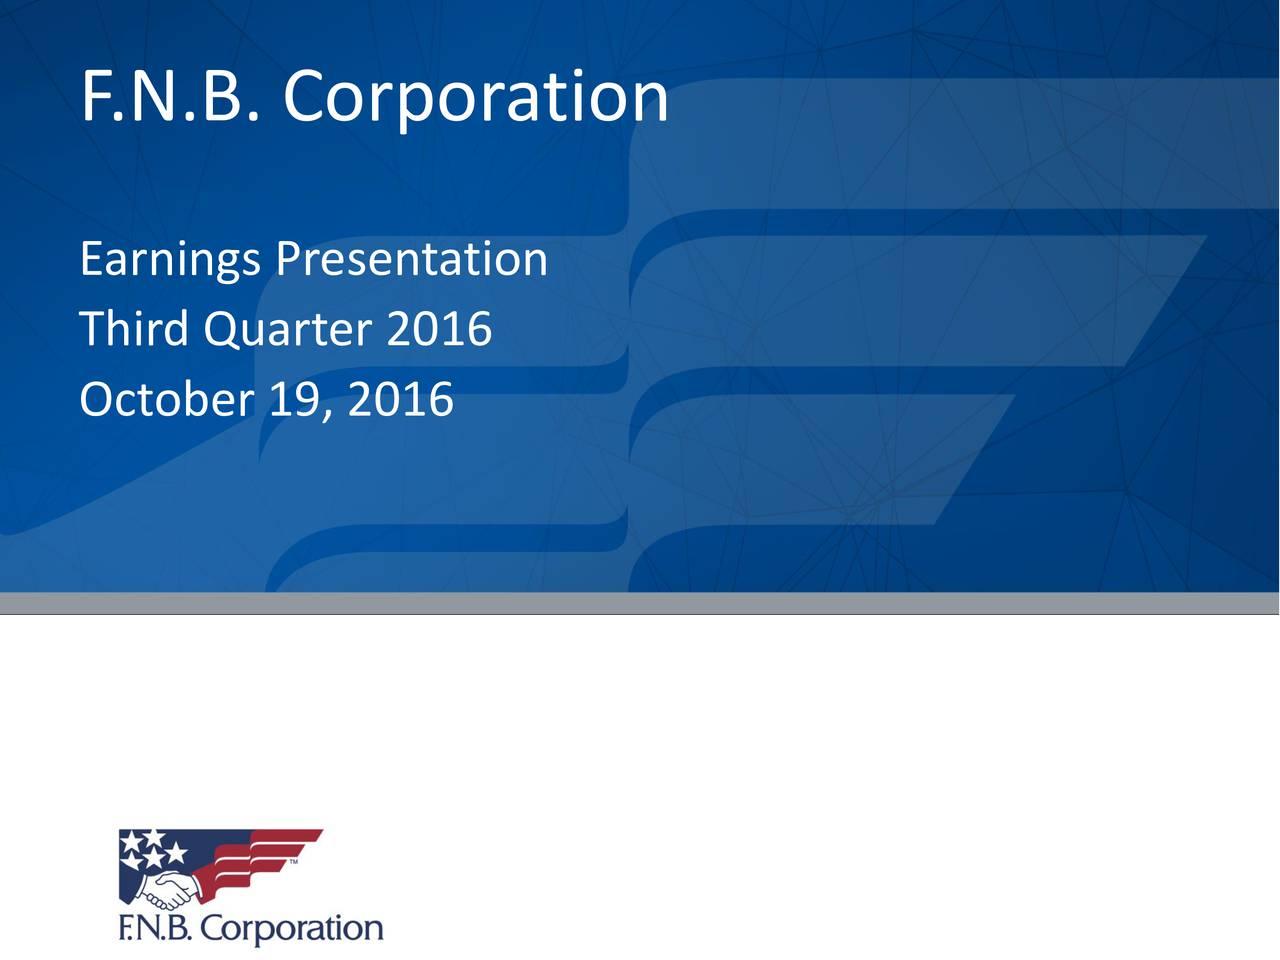 Earnings Presentation Third Quarter 2016 October 19, 2016